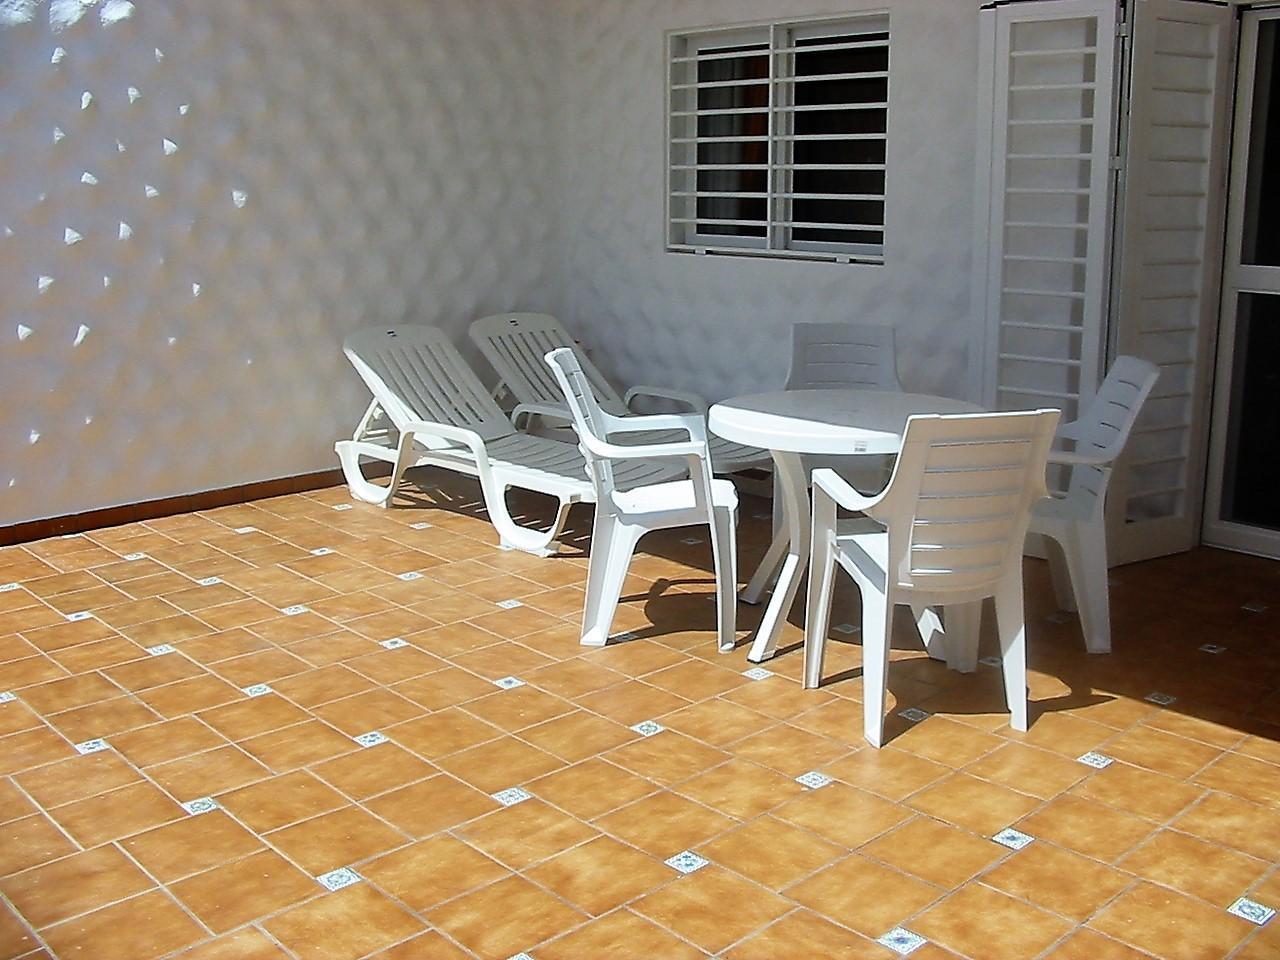 Ferienwohnung Bungalow mit Charme  nahe dem Strand und dem Meer, mit großem Terrasse 25 m. WIFI (497106), Costa Calma, Fuerteventura, Kanarische Inseln, Spanien, Bild 3